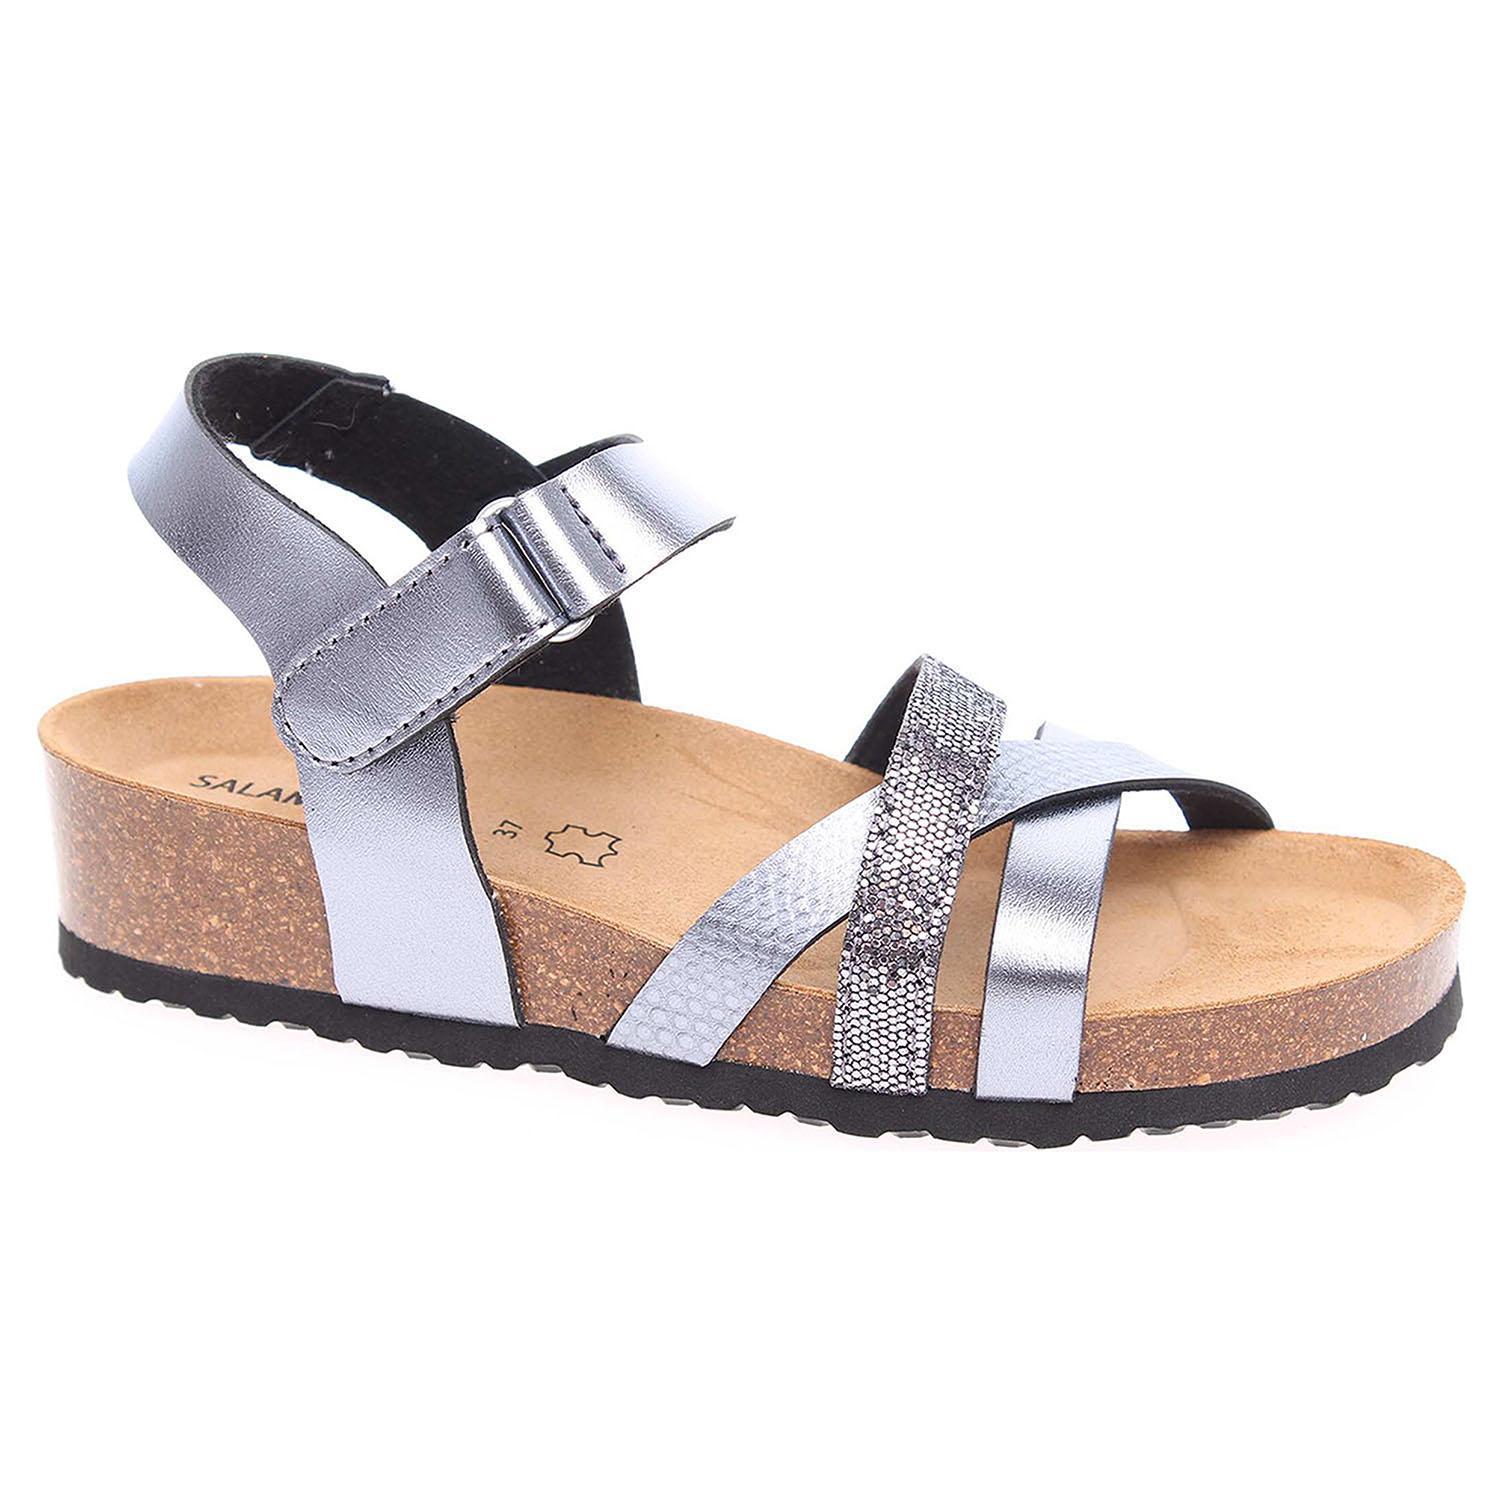 34c4ca0b3ba6 detail Dámske sandále Salamander 32-13103-35 anthrazit